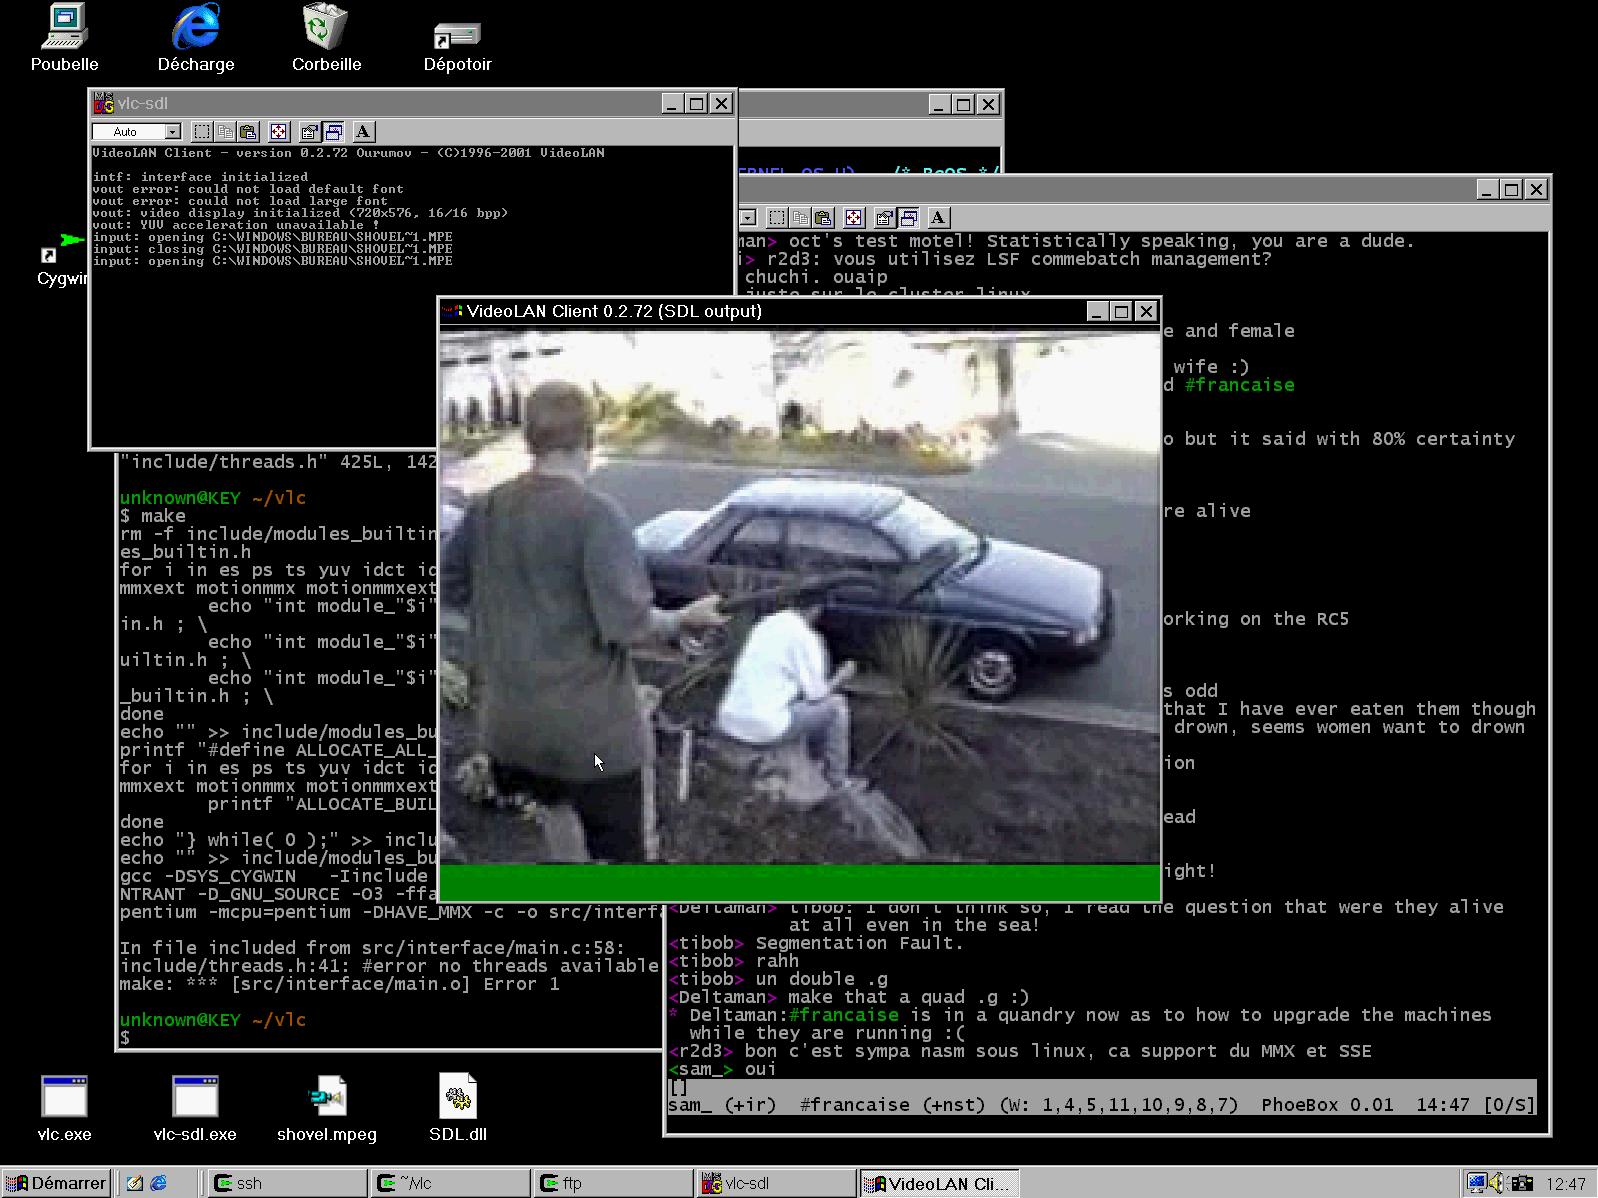 La toute première version Windows de VLC, développée par un contributeur anonyme et envoyée directement à l'équipe de VideoLan.